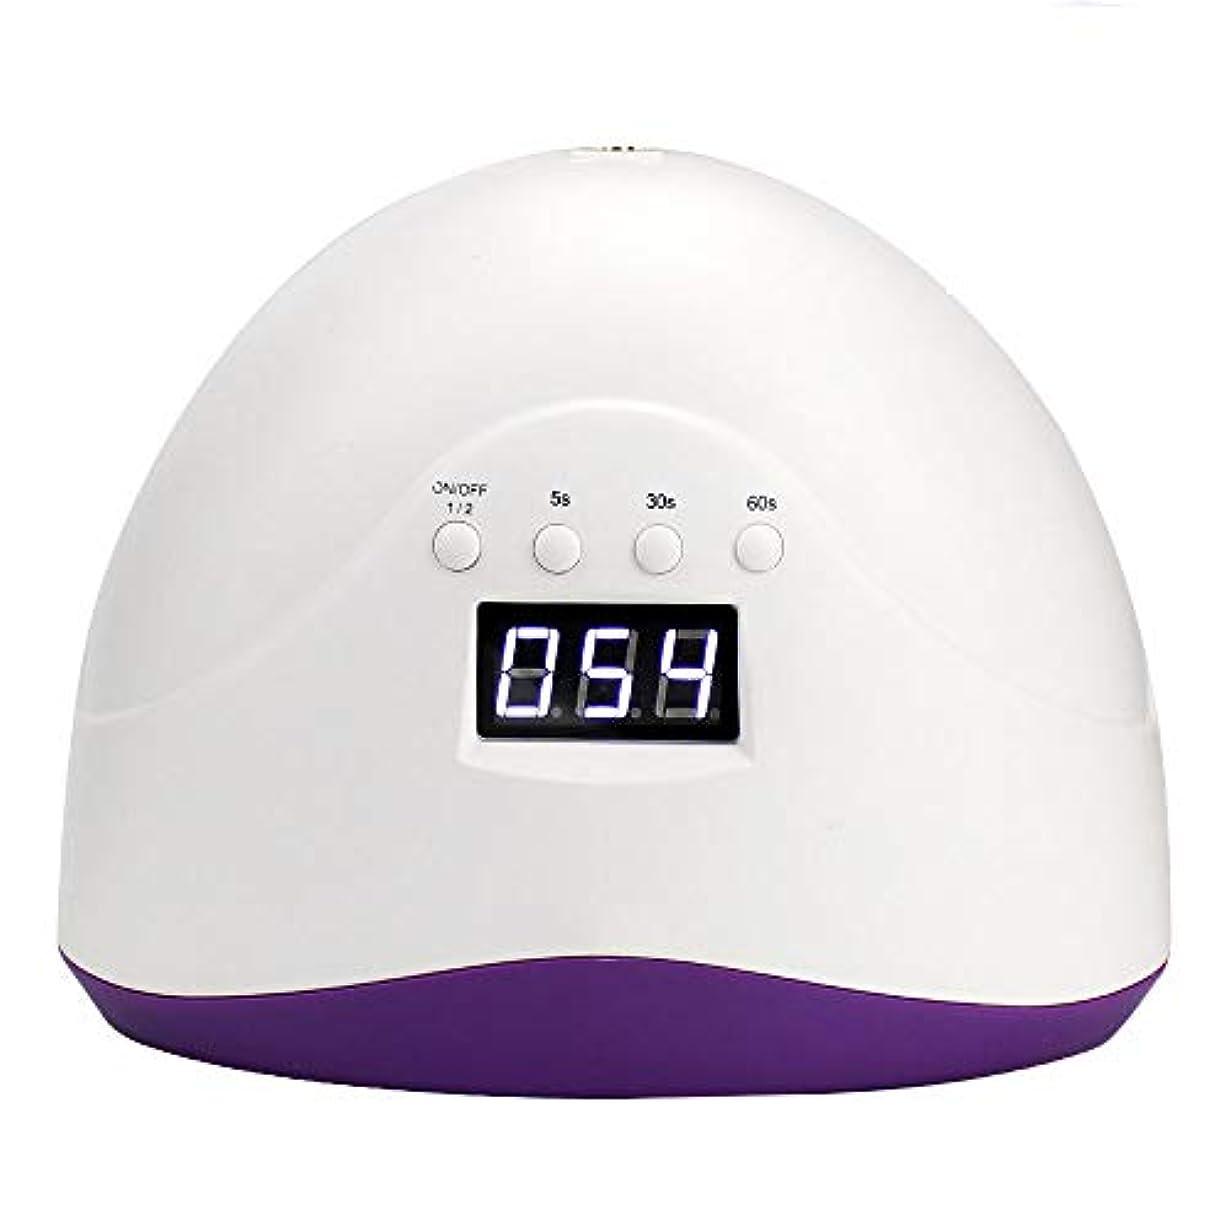 請負業者シンプルさ起きているネイルドライヤー5秒クイックドライ3ギアセット24W / 48Wデュアルパワーネイルドライヤー,Purple